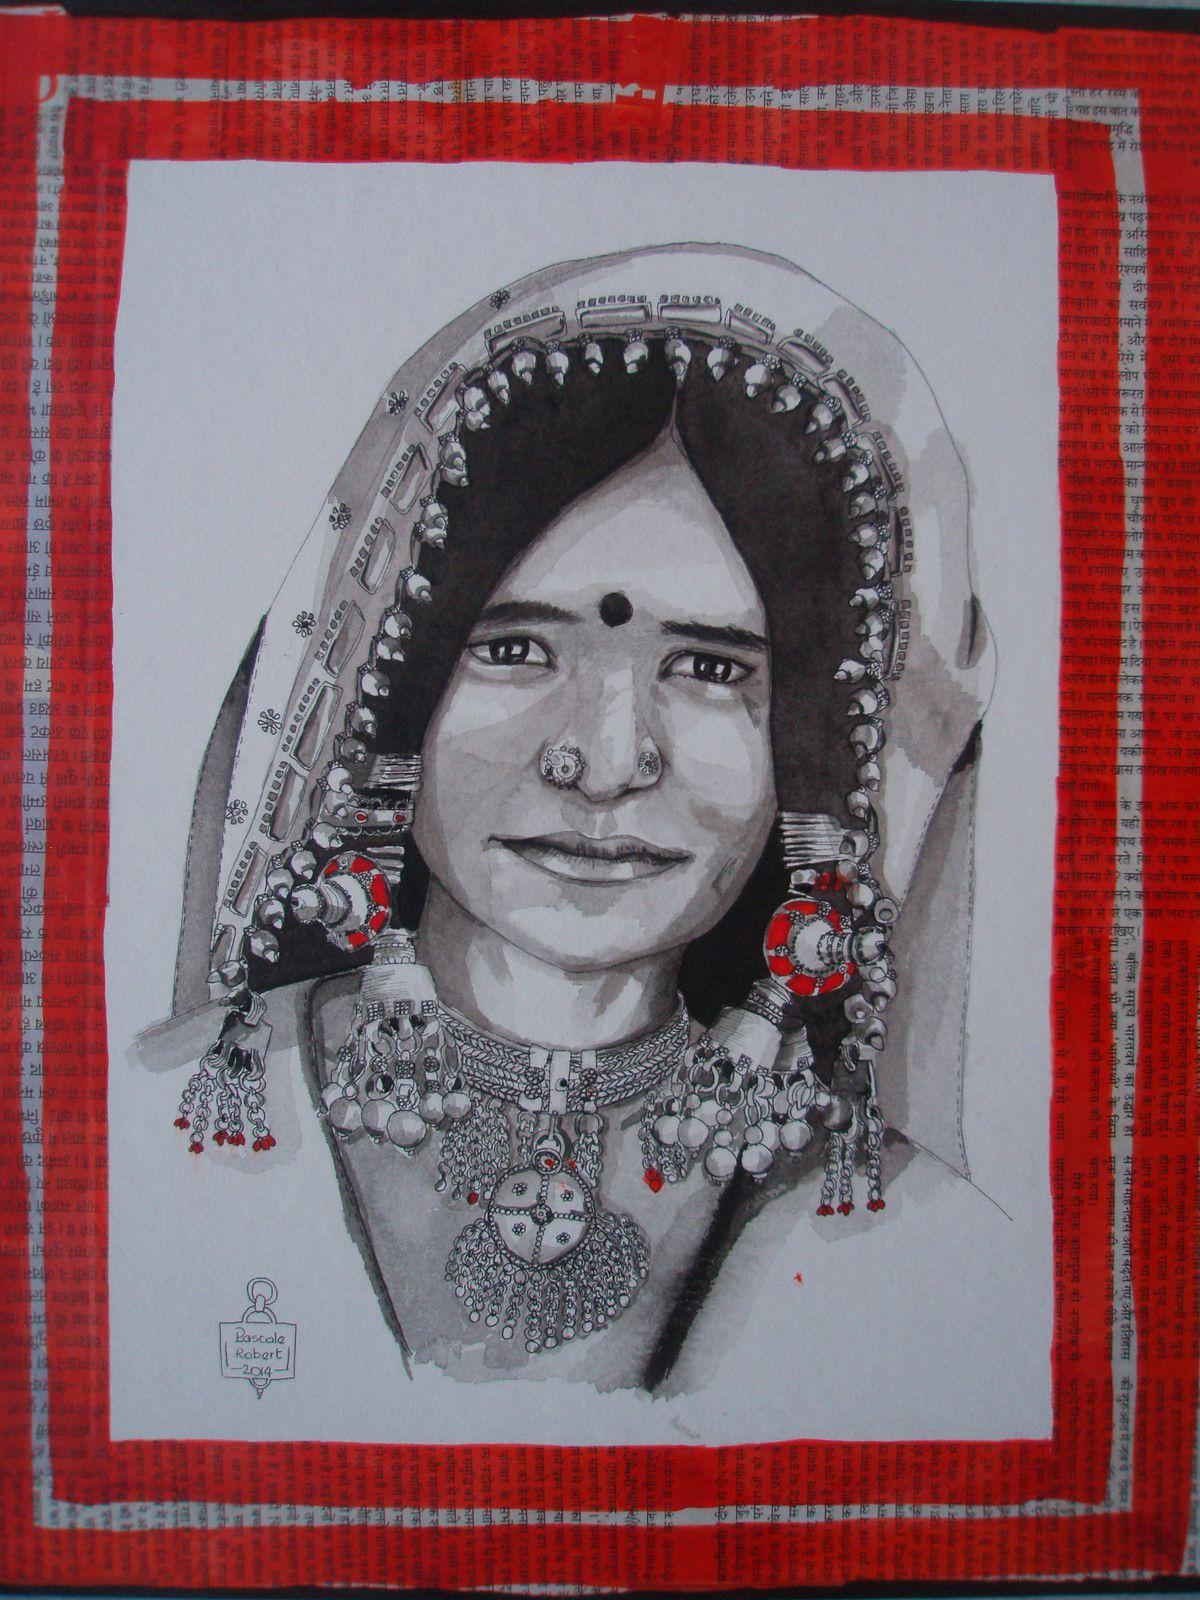 encre de chine, stylo, encre rouge, papier aquarelle et papier journal collés sur bois, 35x42